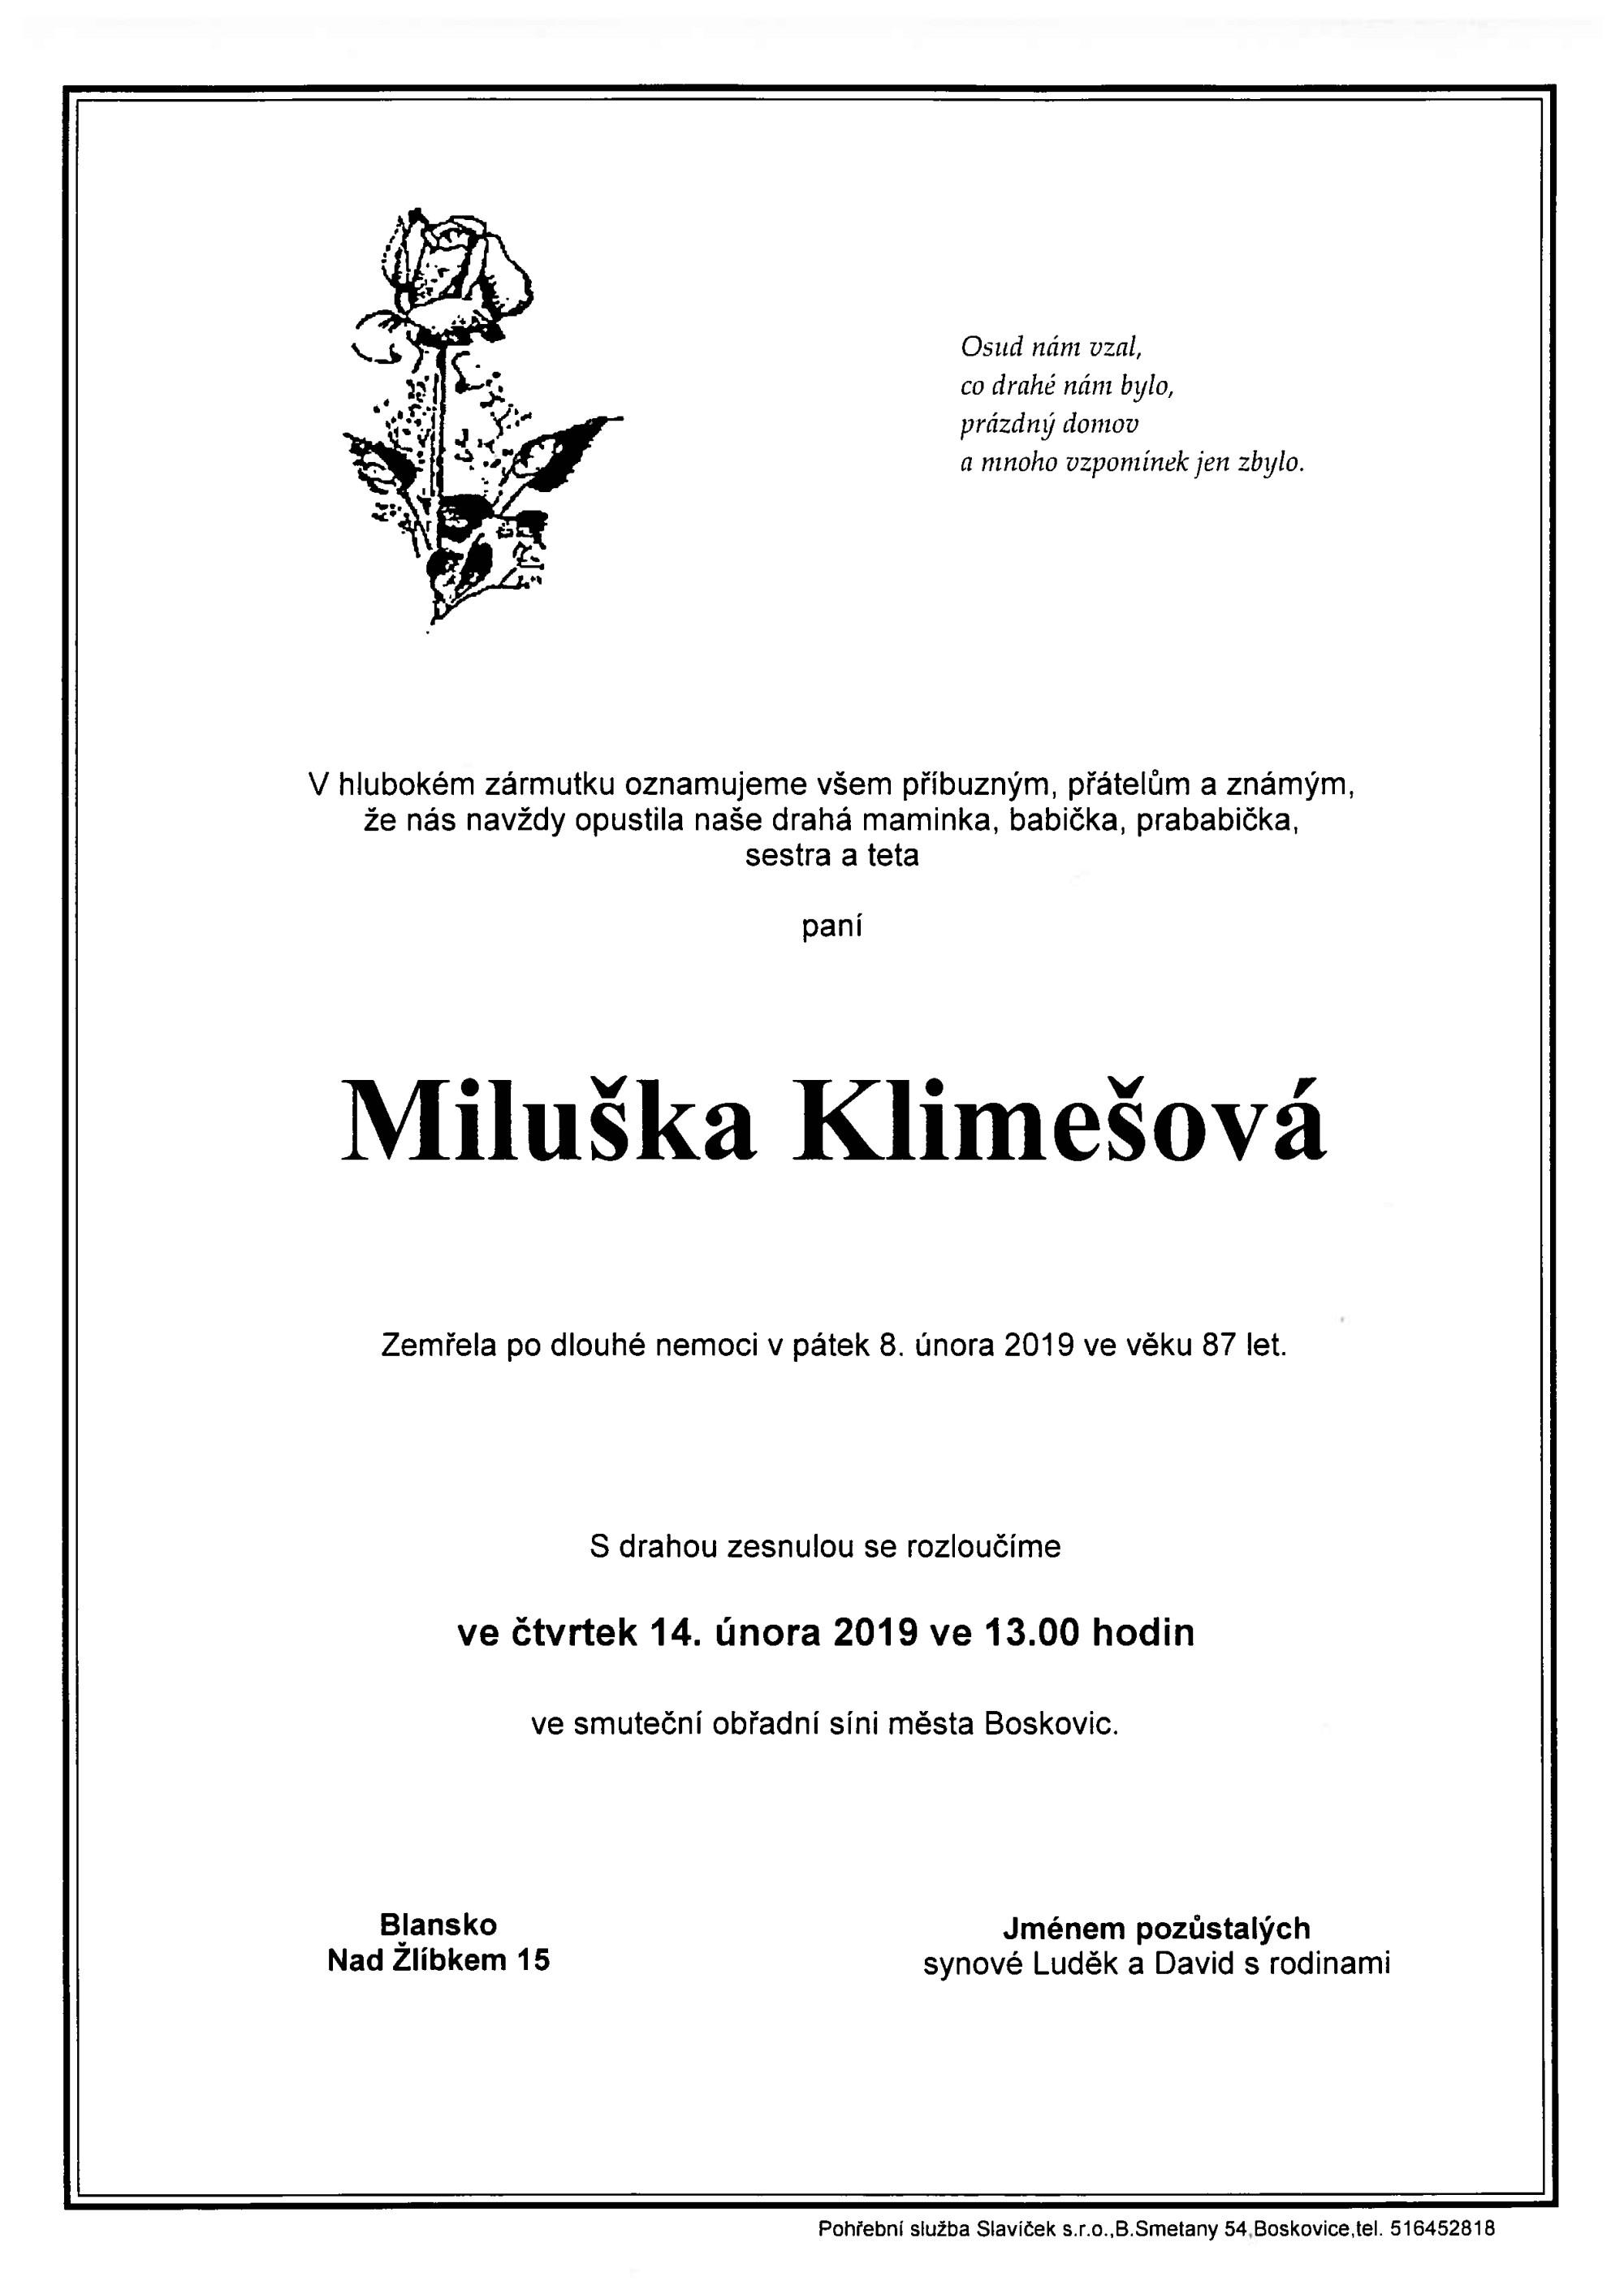 Miluška Klimešová